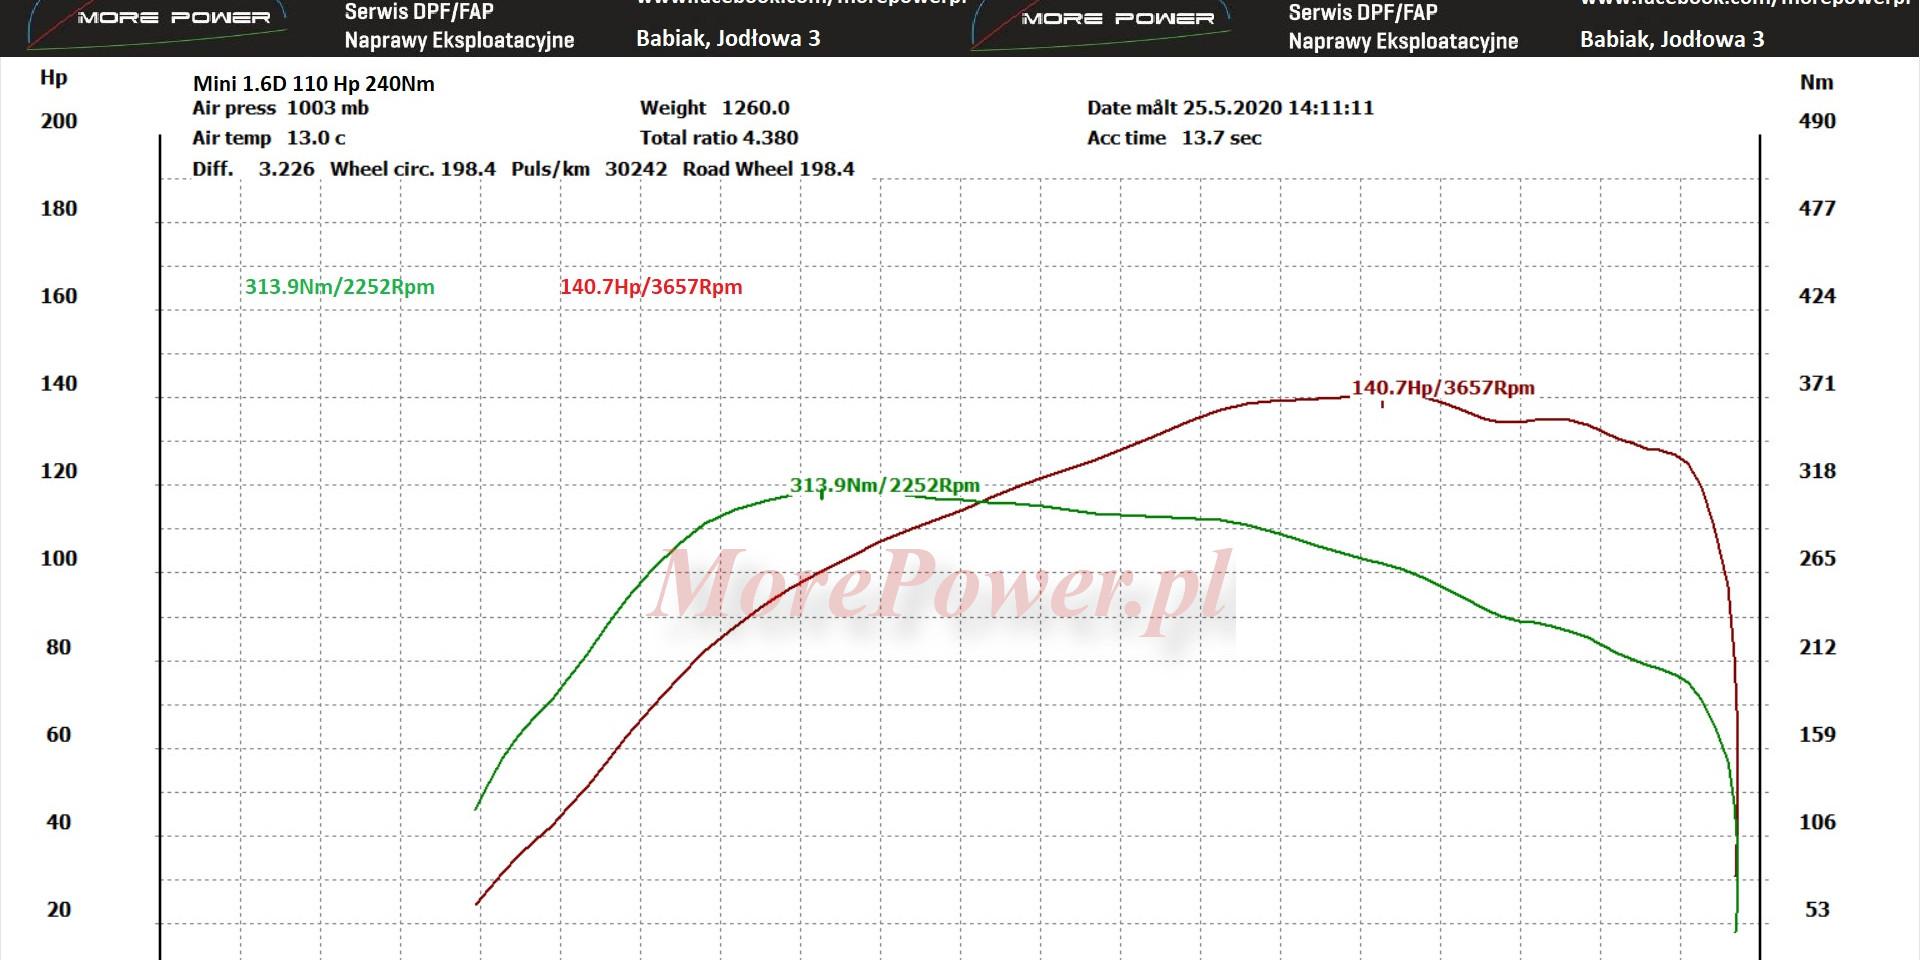 Mini 1.6D 110HP -> 140.7Hp/3657 313.9Nm/3657Rpm